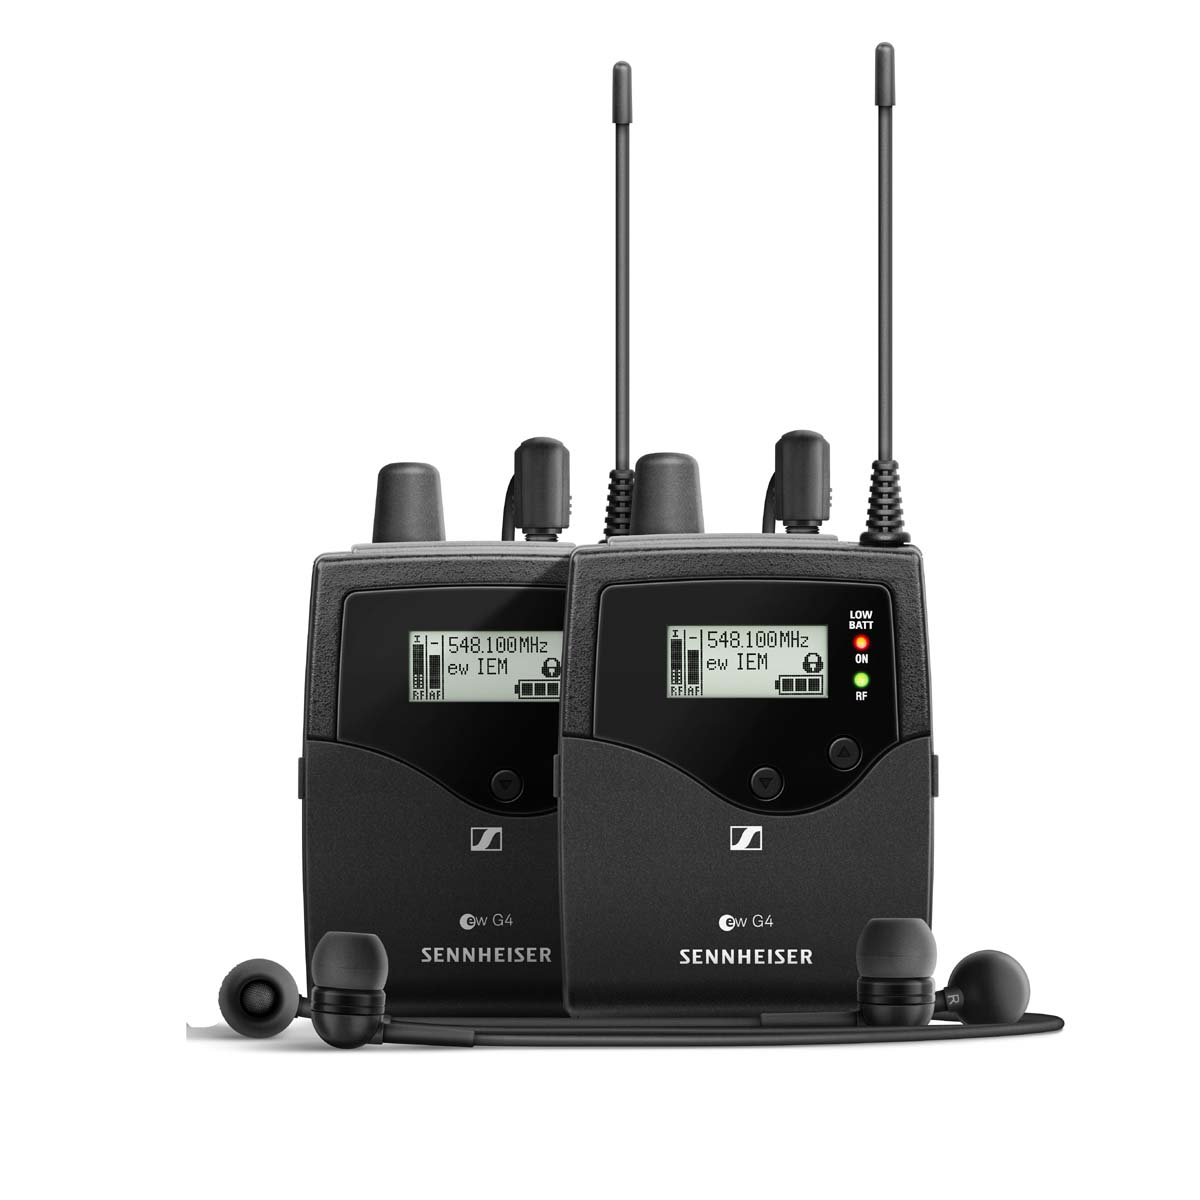 Sennheiser Ew Iem G4 Twin E Dual In Ear Monitoring System